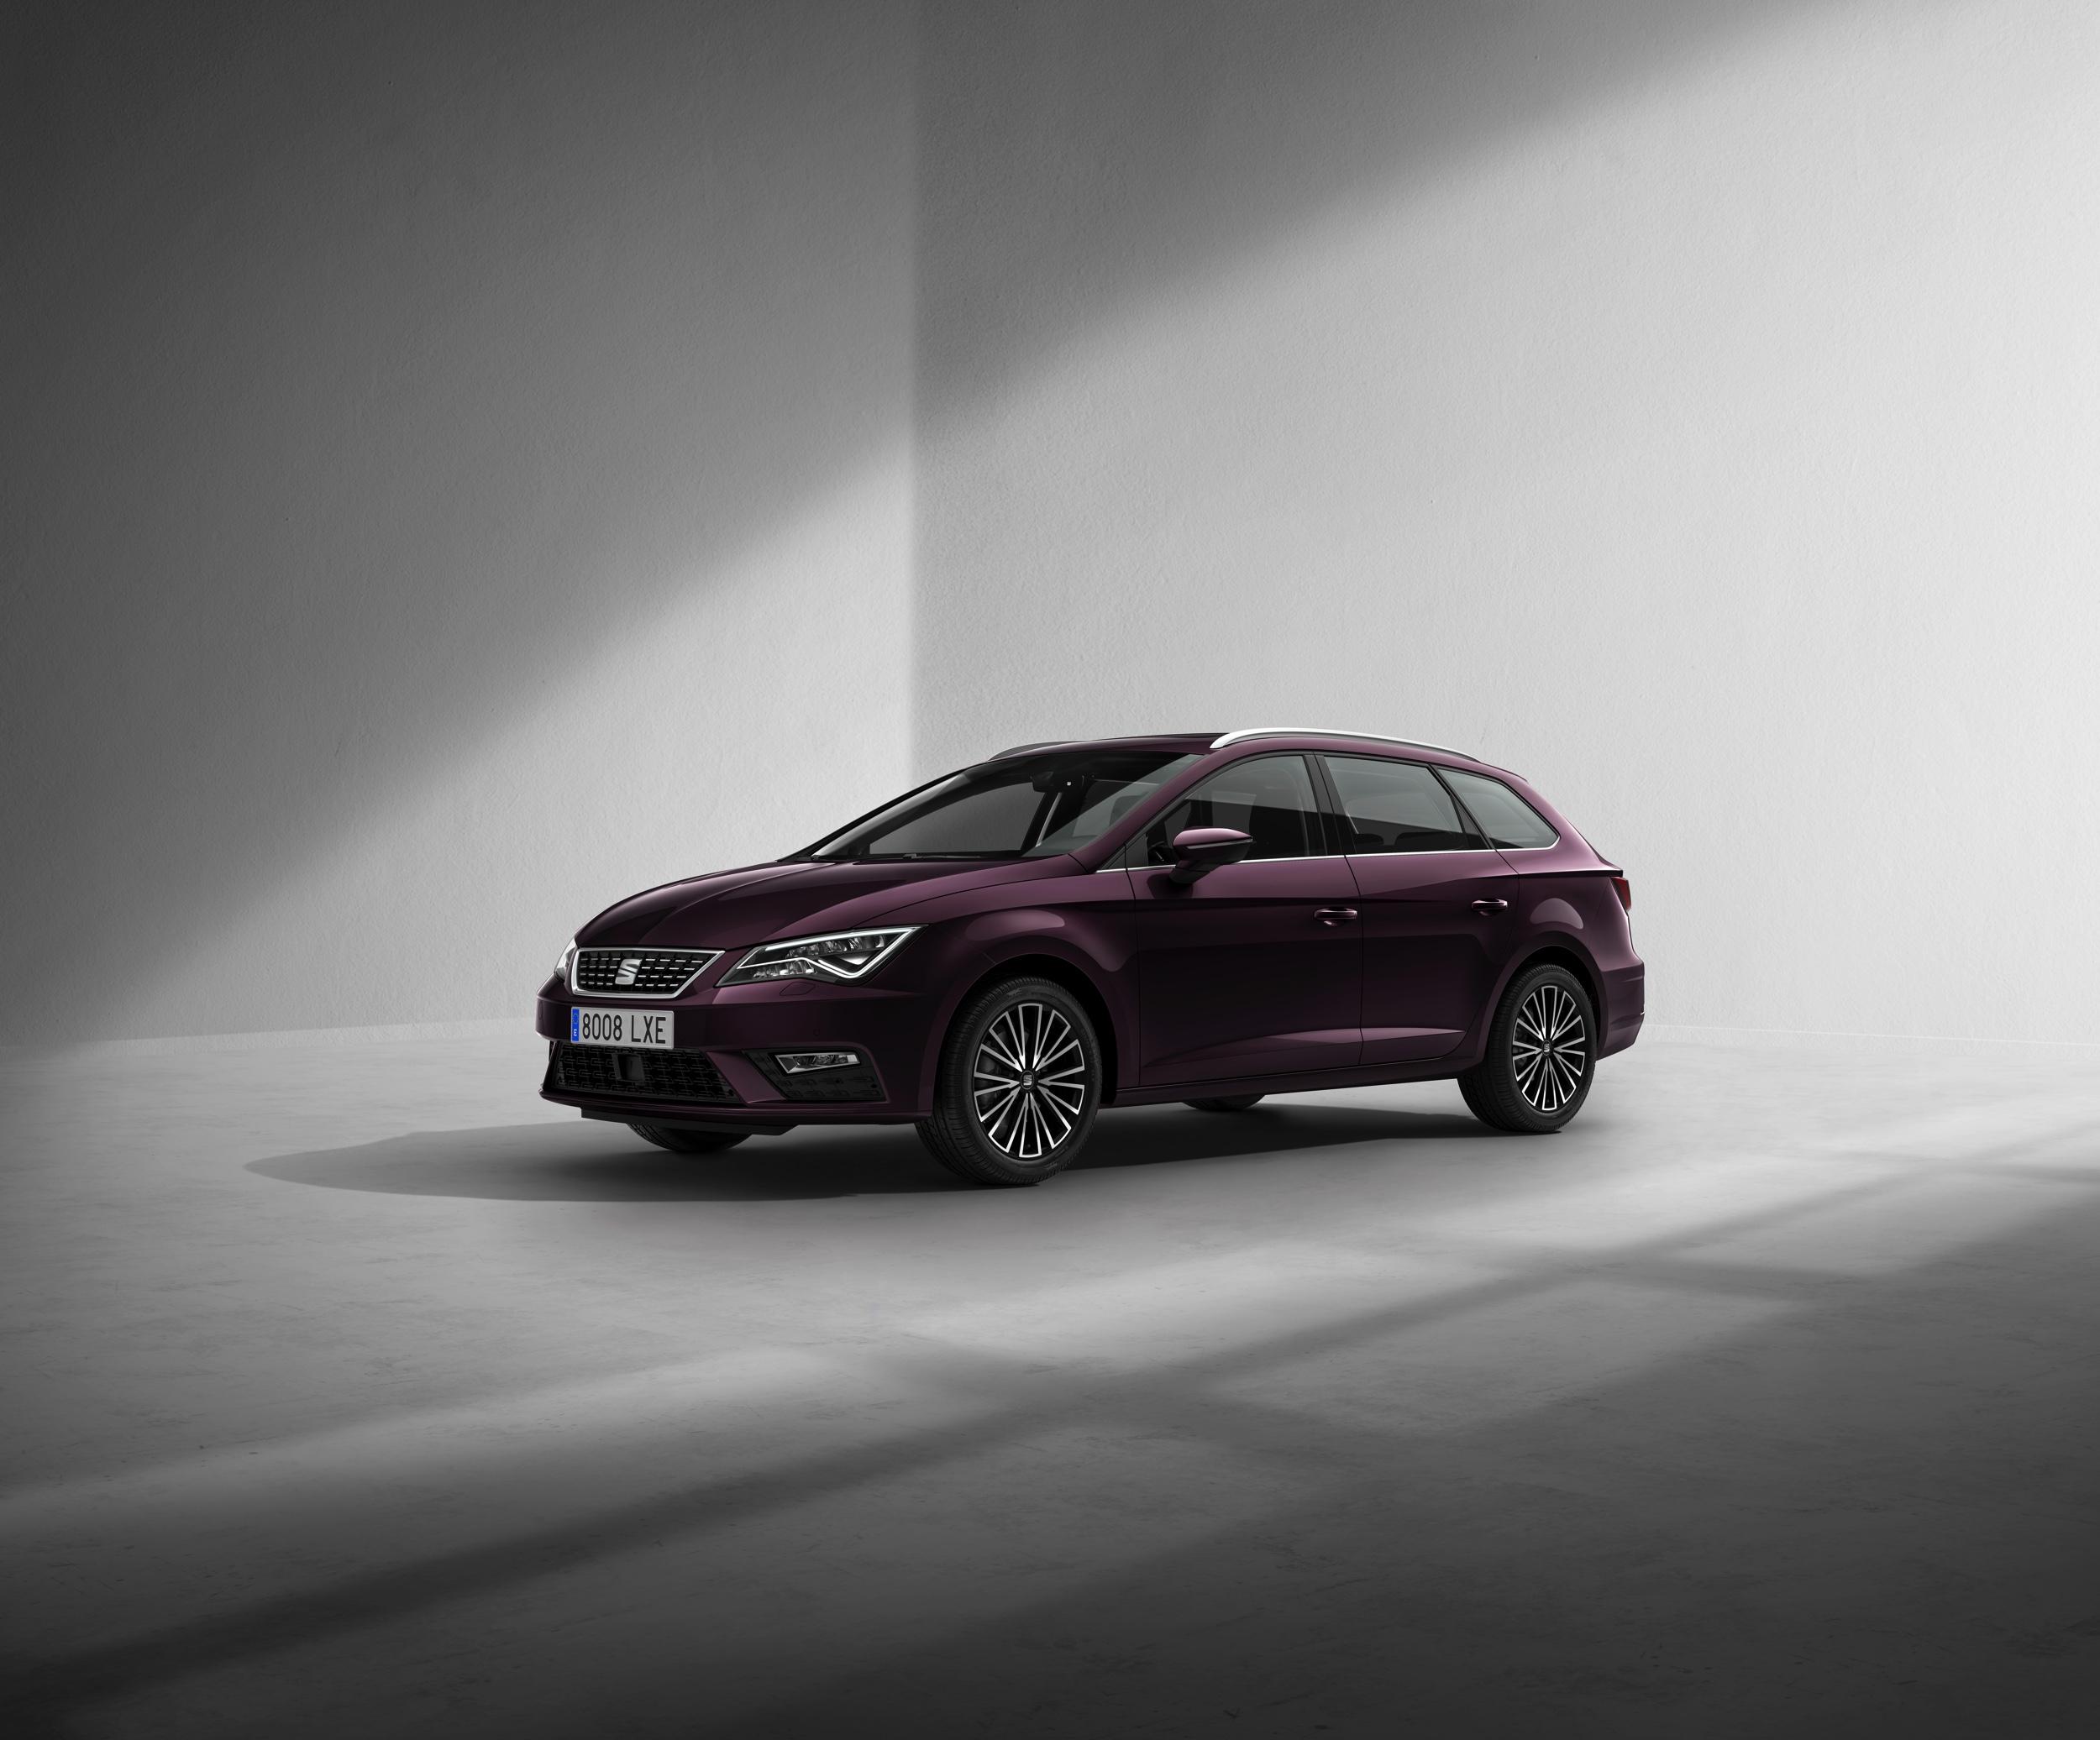 Seat Leon -1- Autovisie.nl